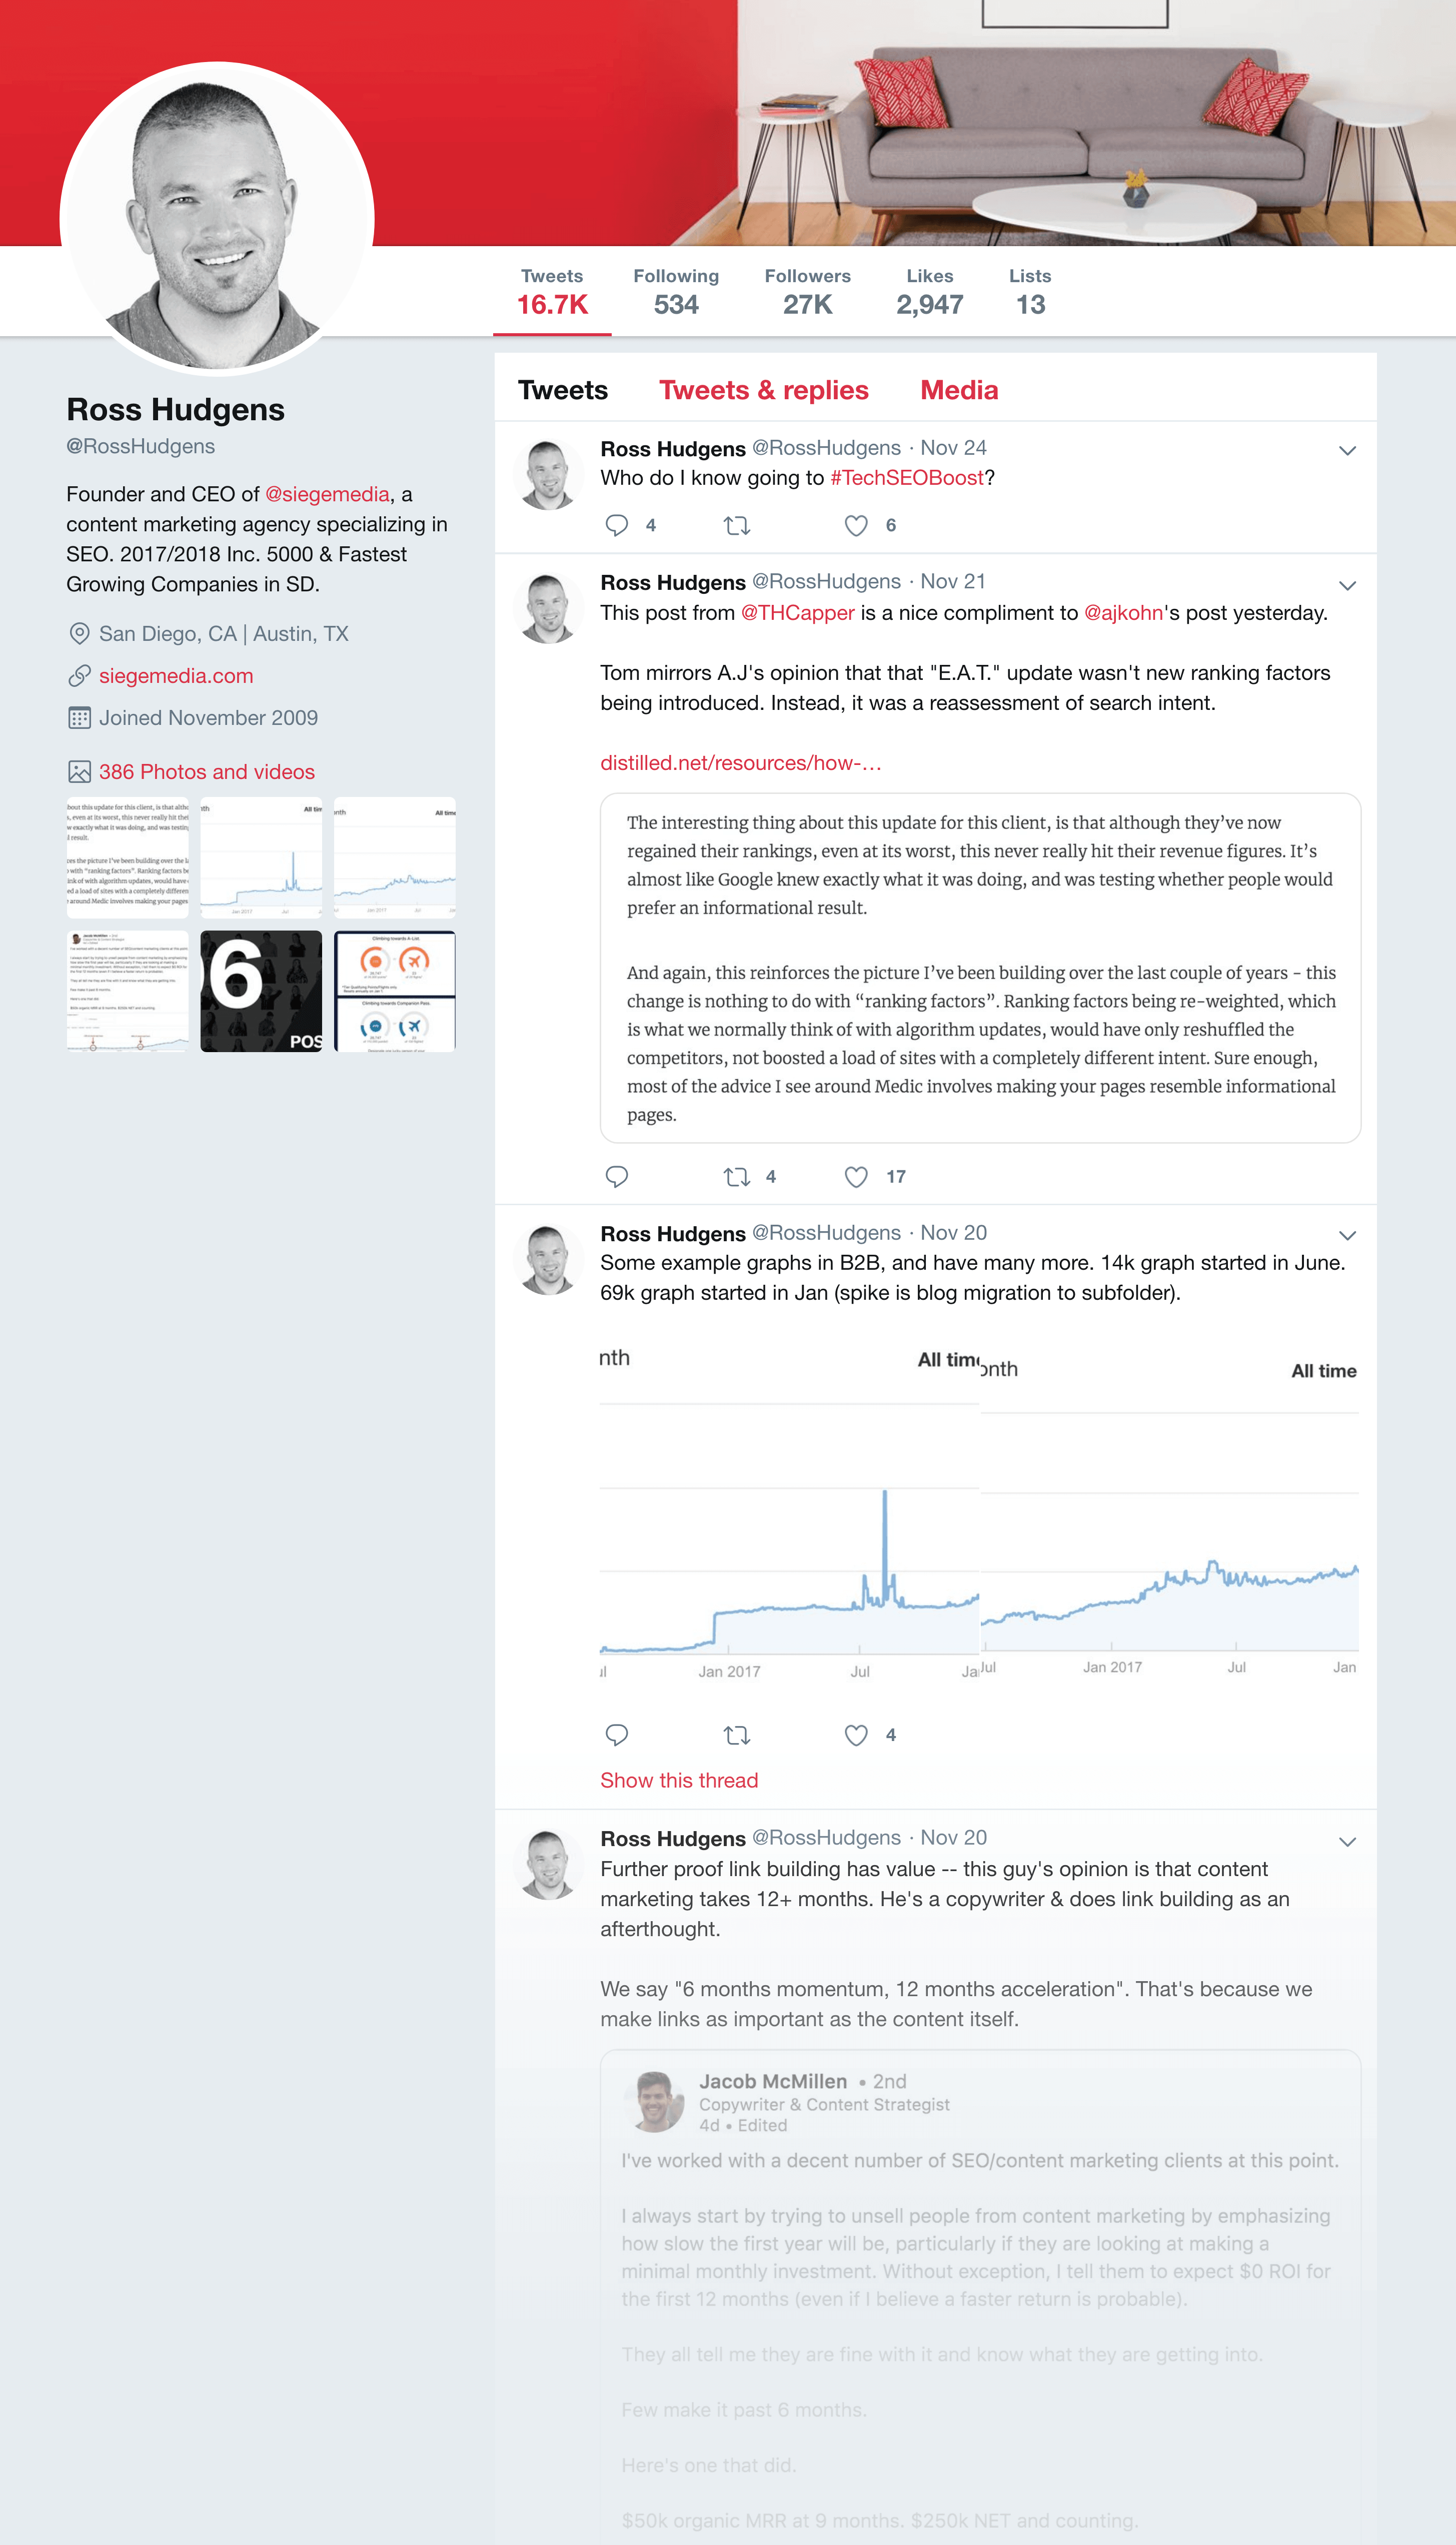 Ross Hudgens' Twitter feed